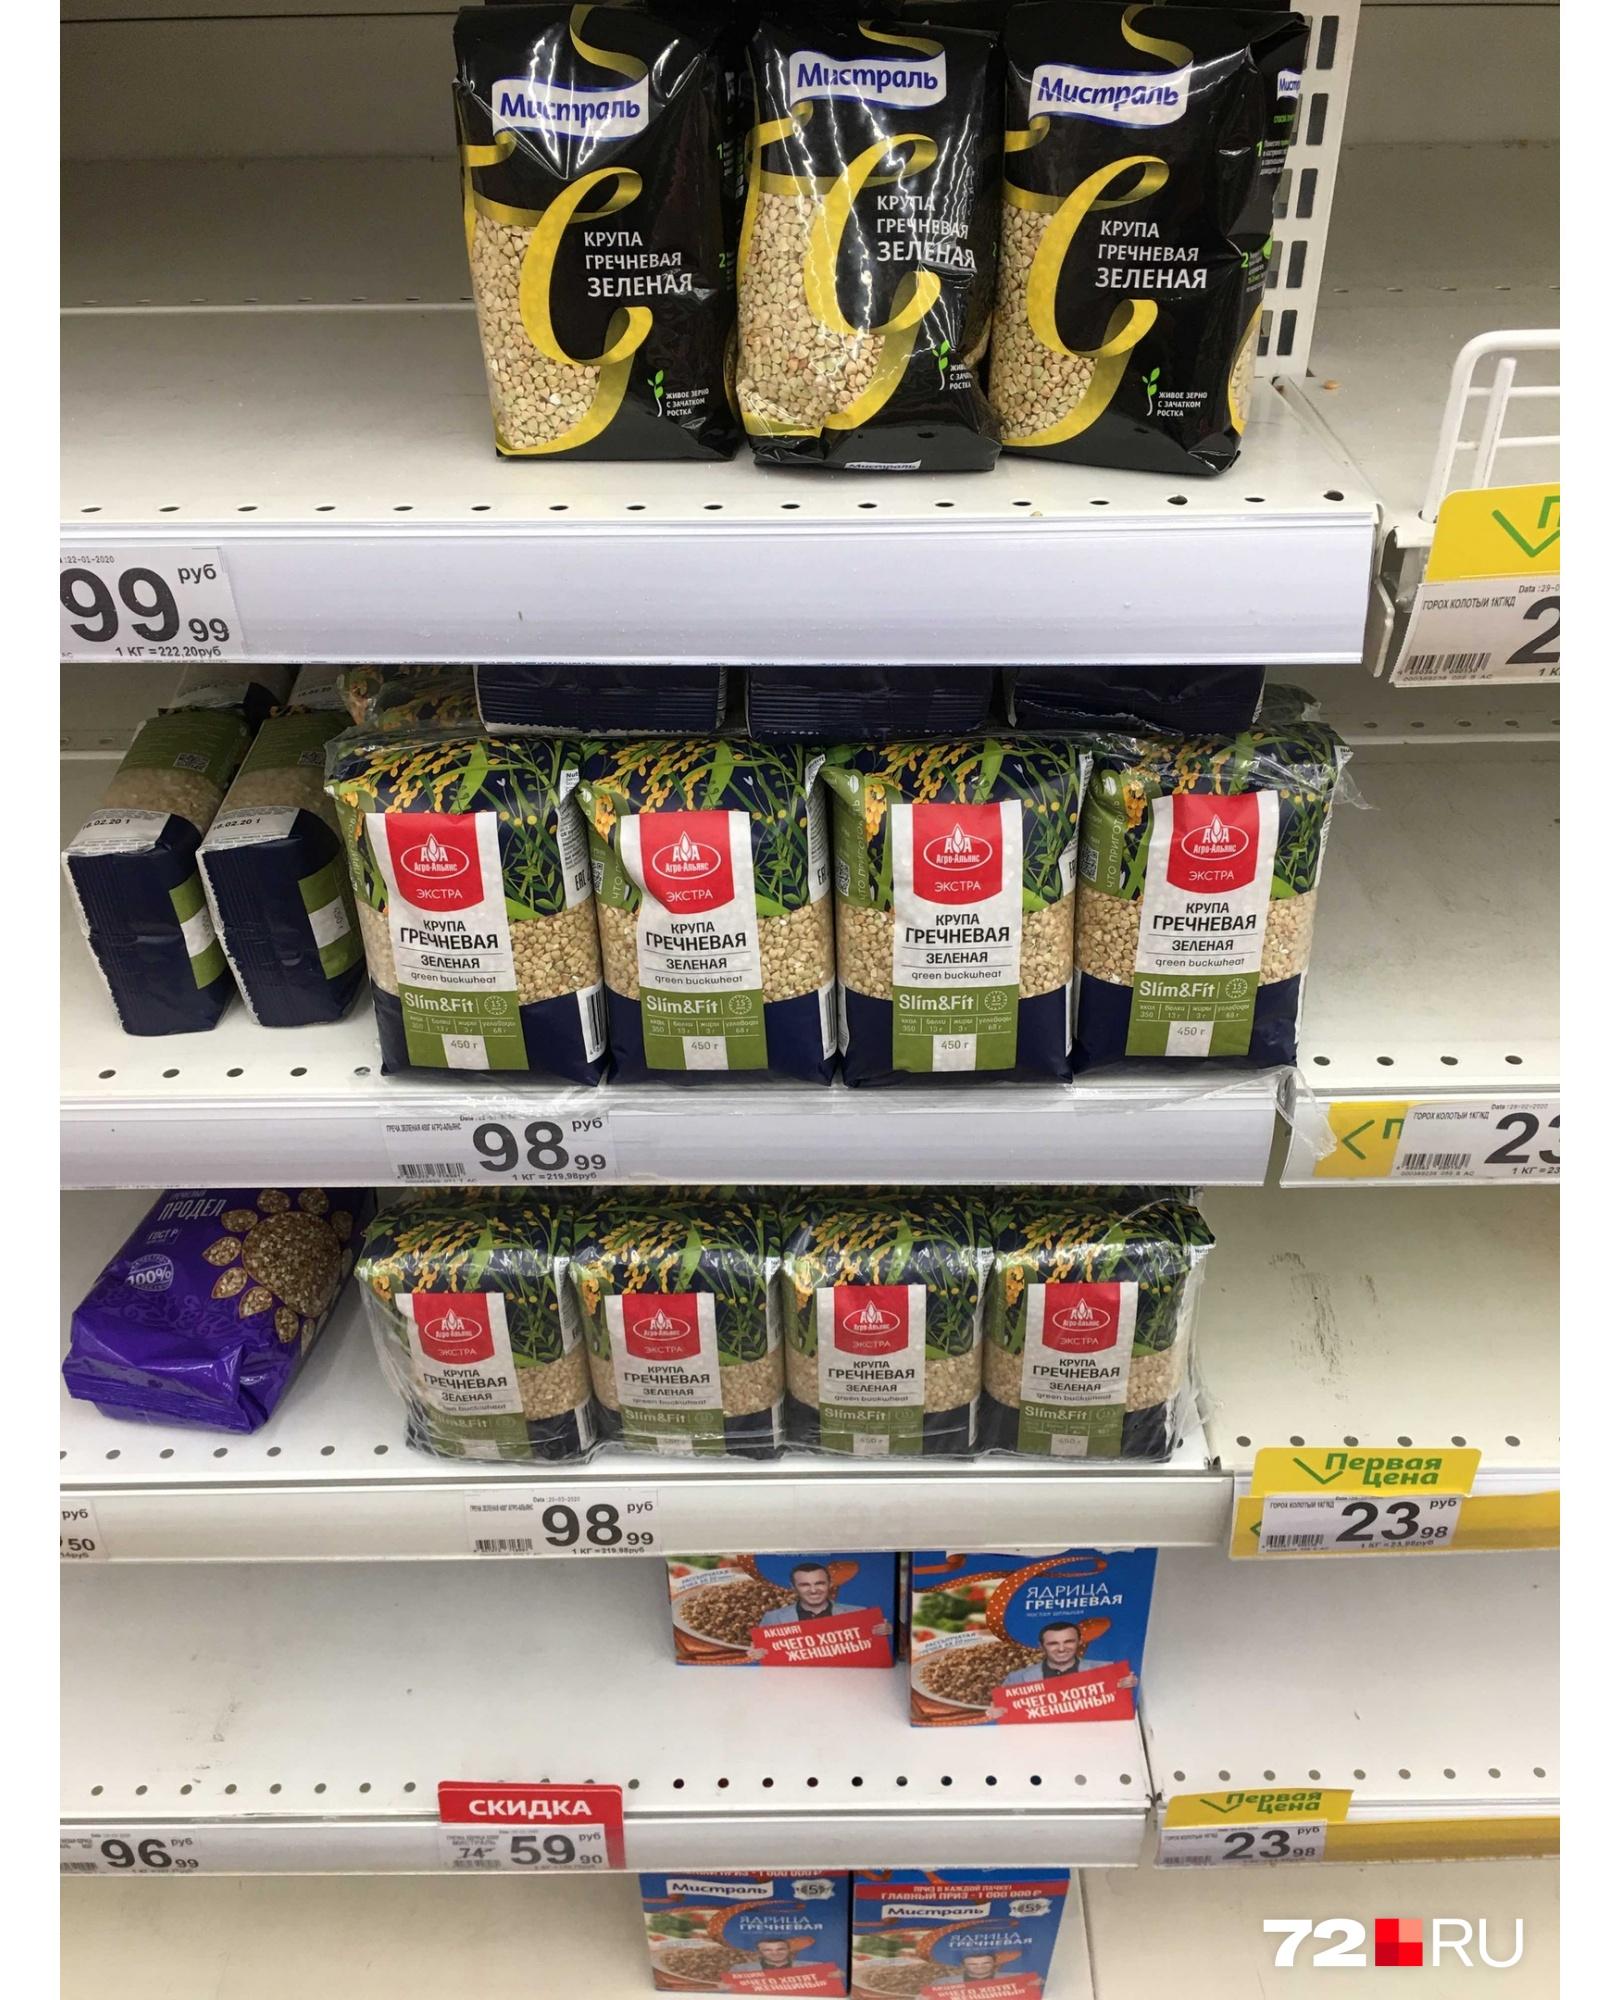 А вот зеленая гречка в тюменском гипермаркете меньше пользуется спросом, чем обычная крупа